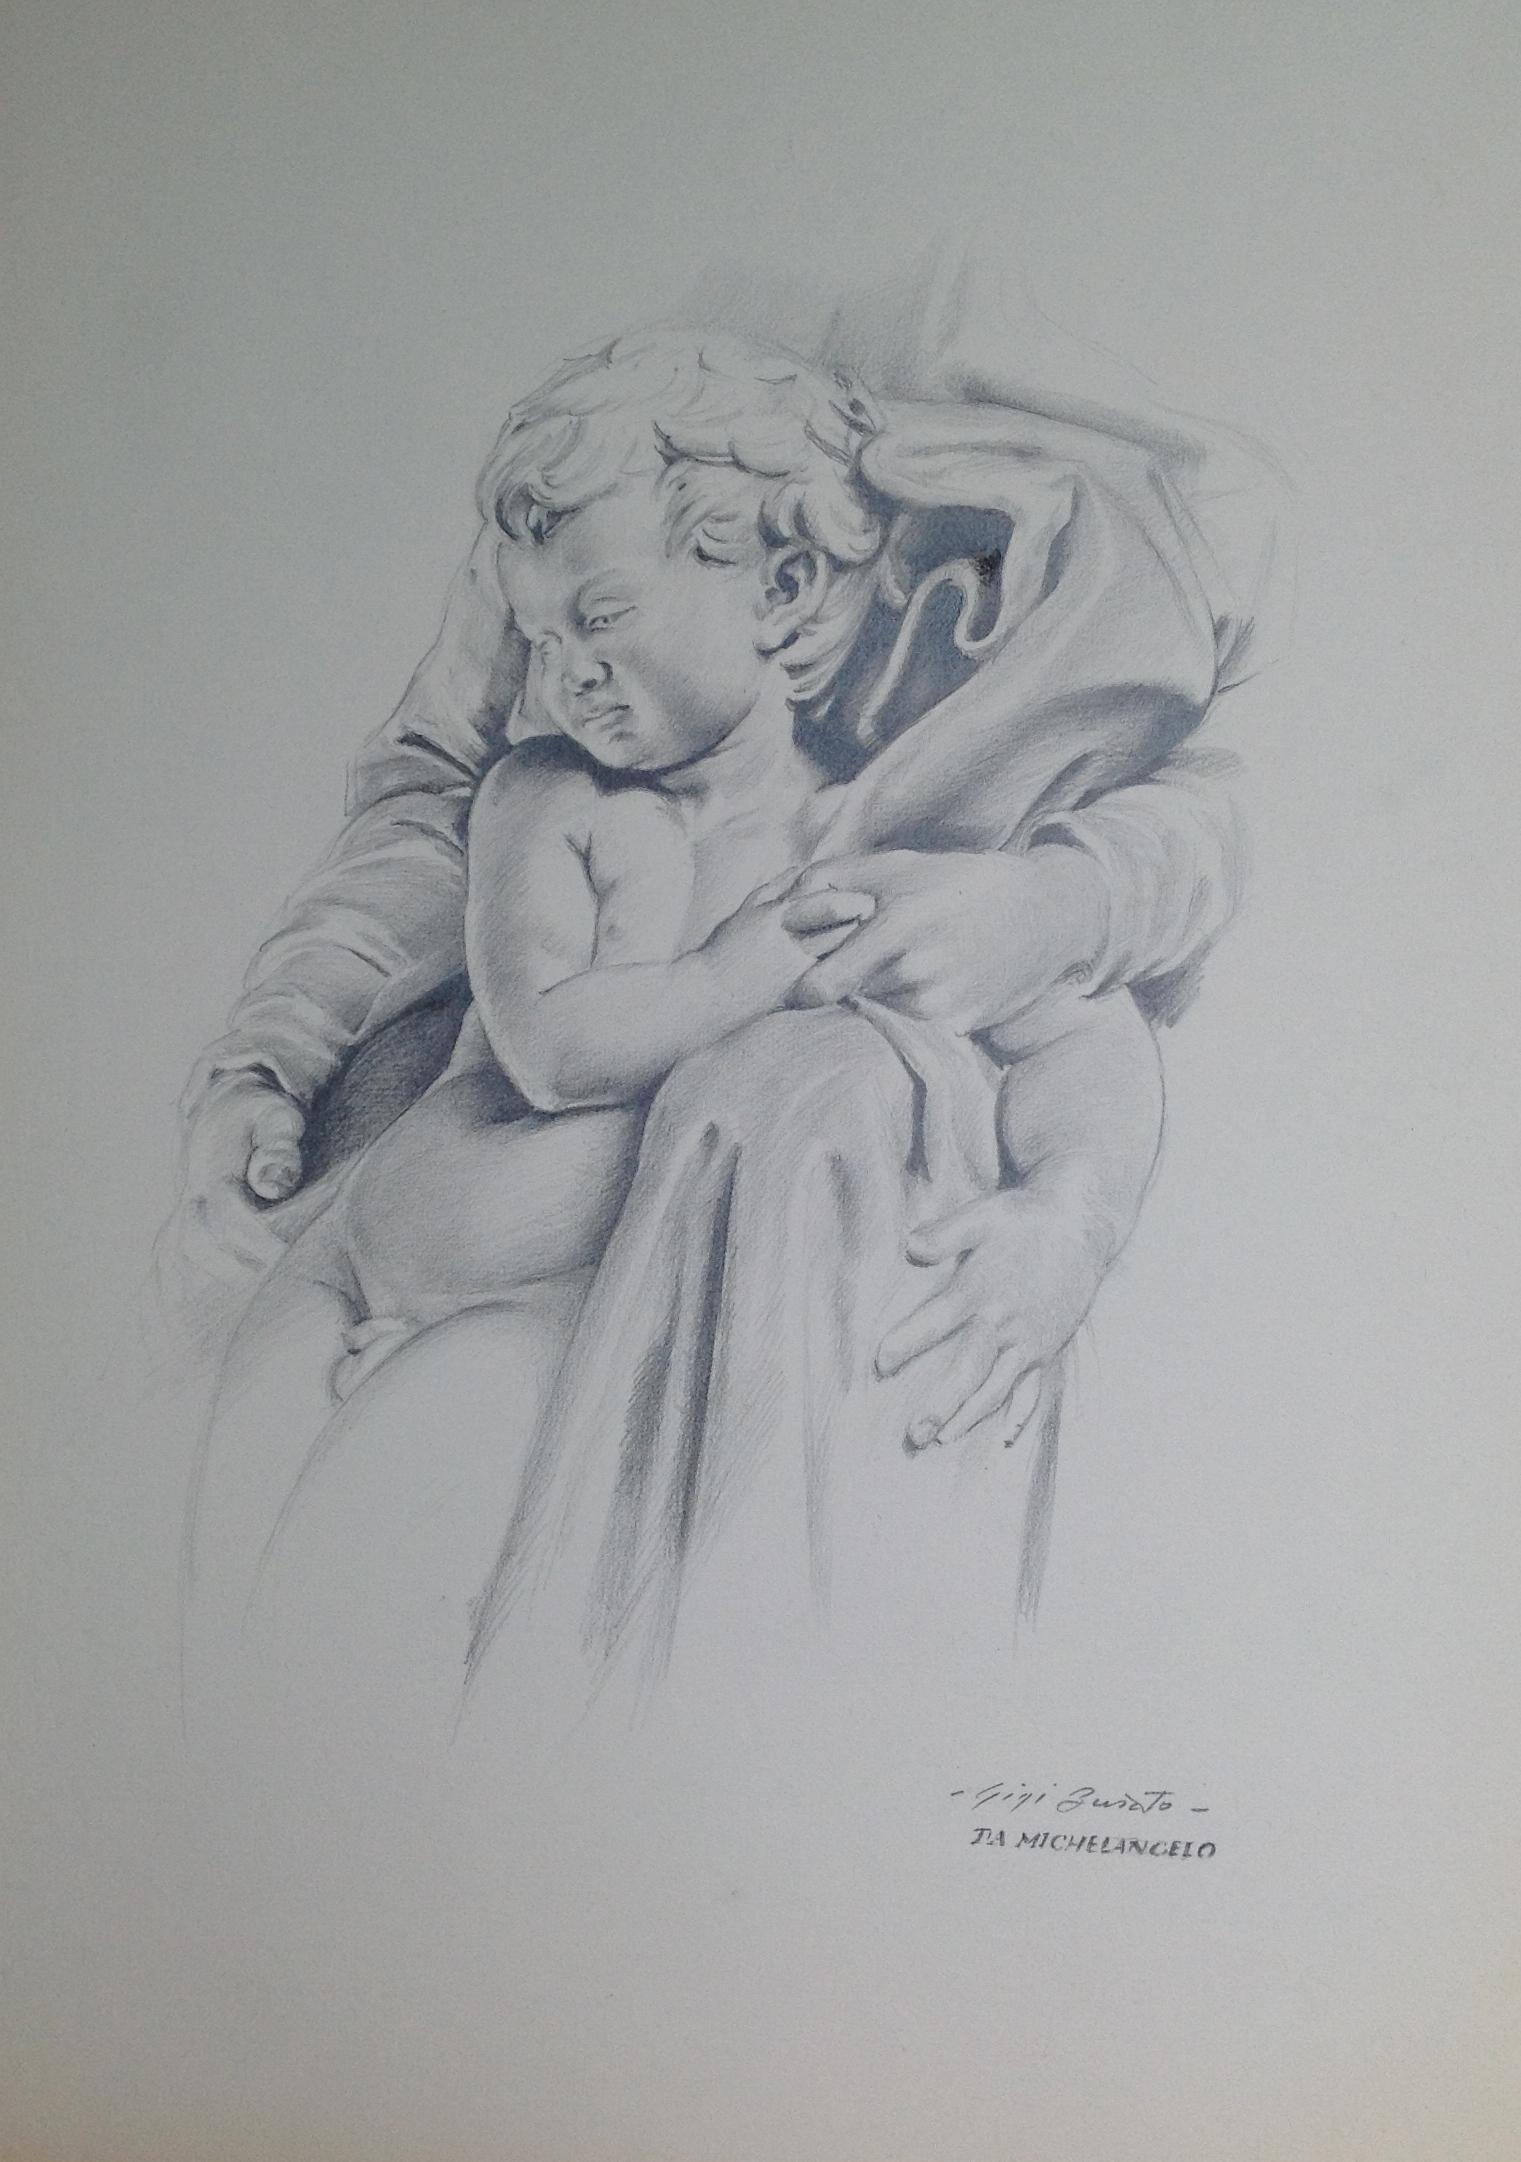 Bambino l 39 arte di gigi busato for Disegni bianco e nero tumblr